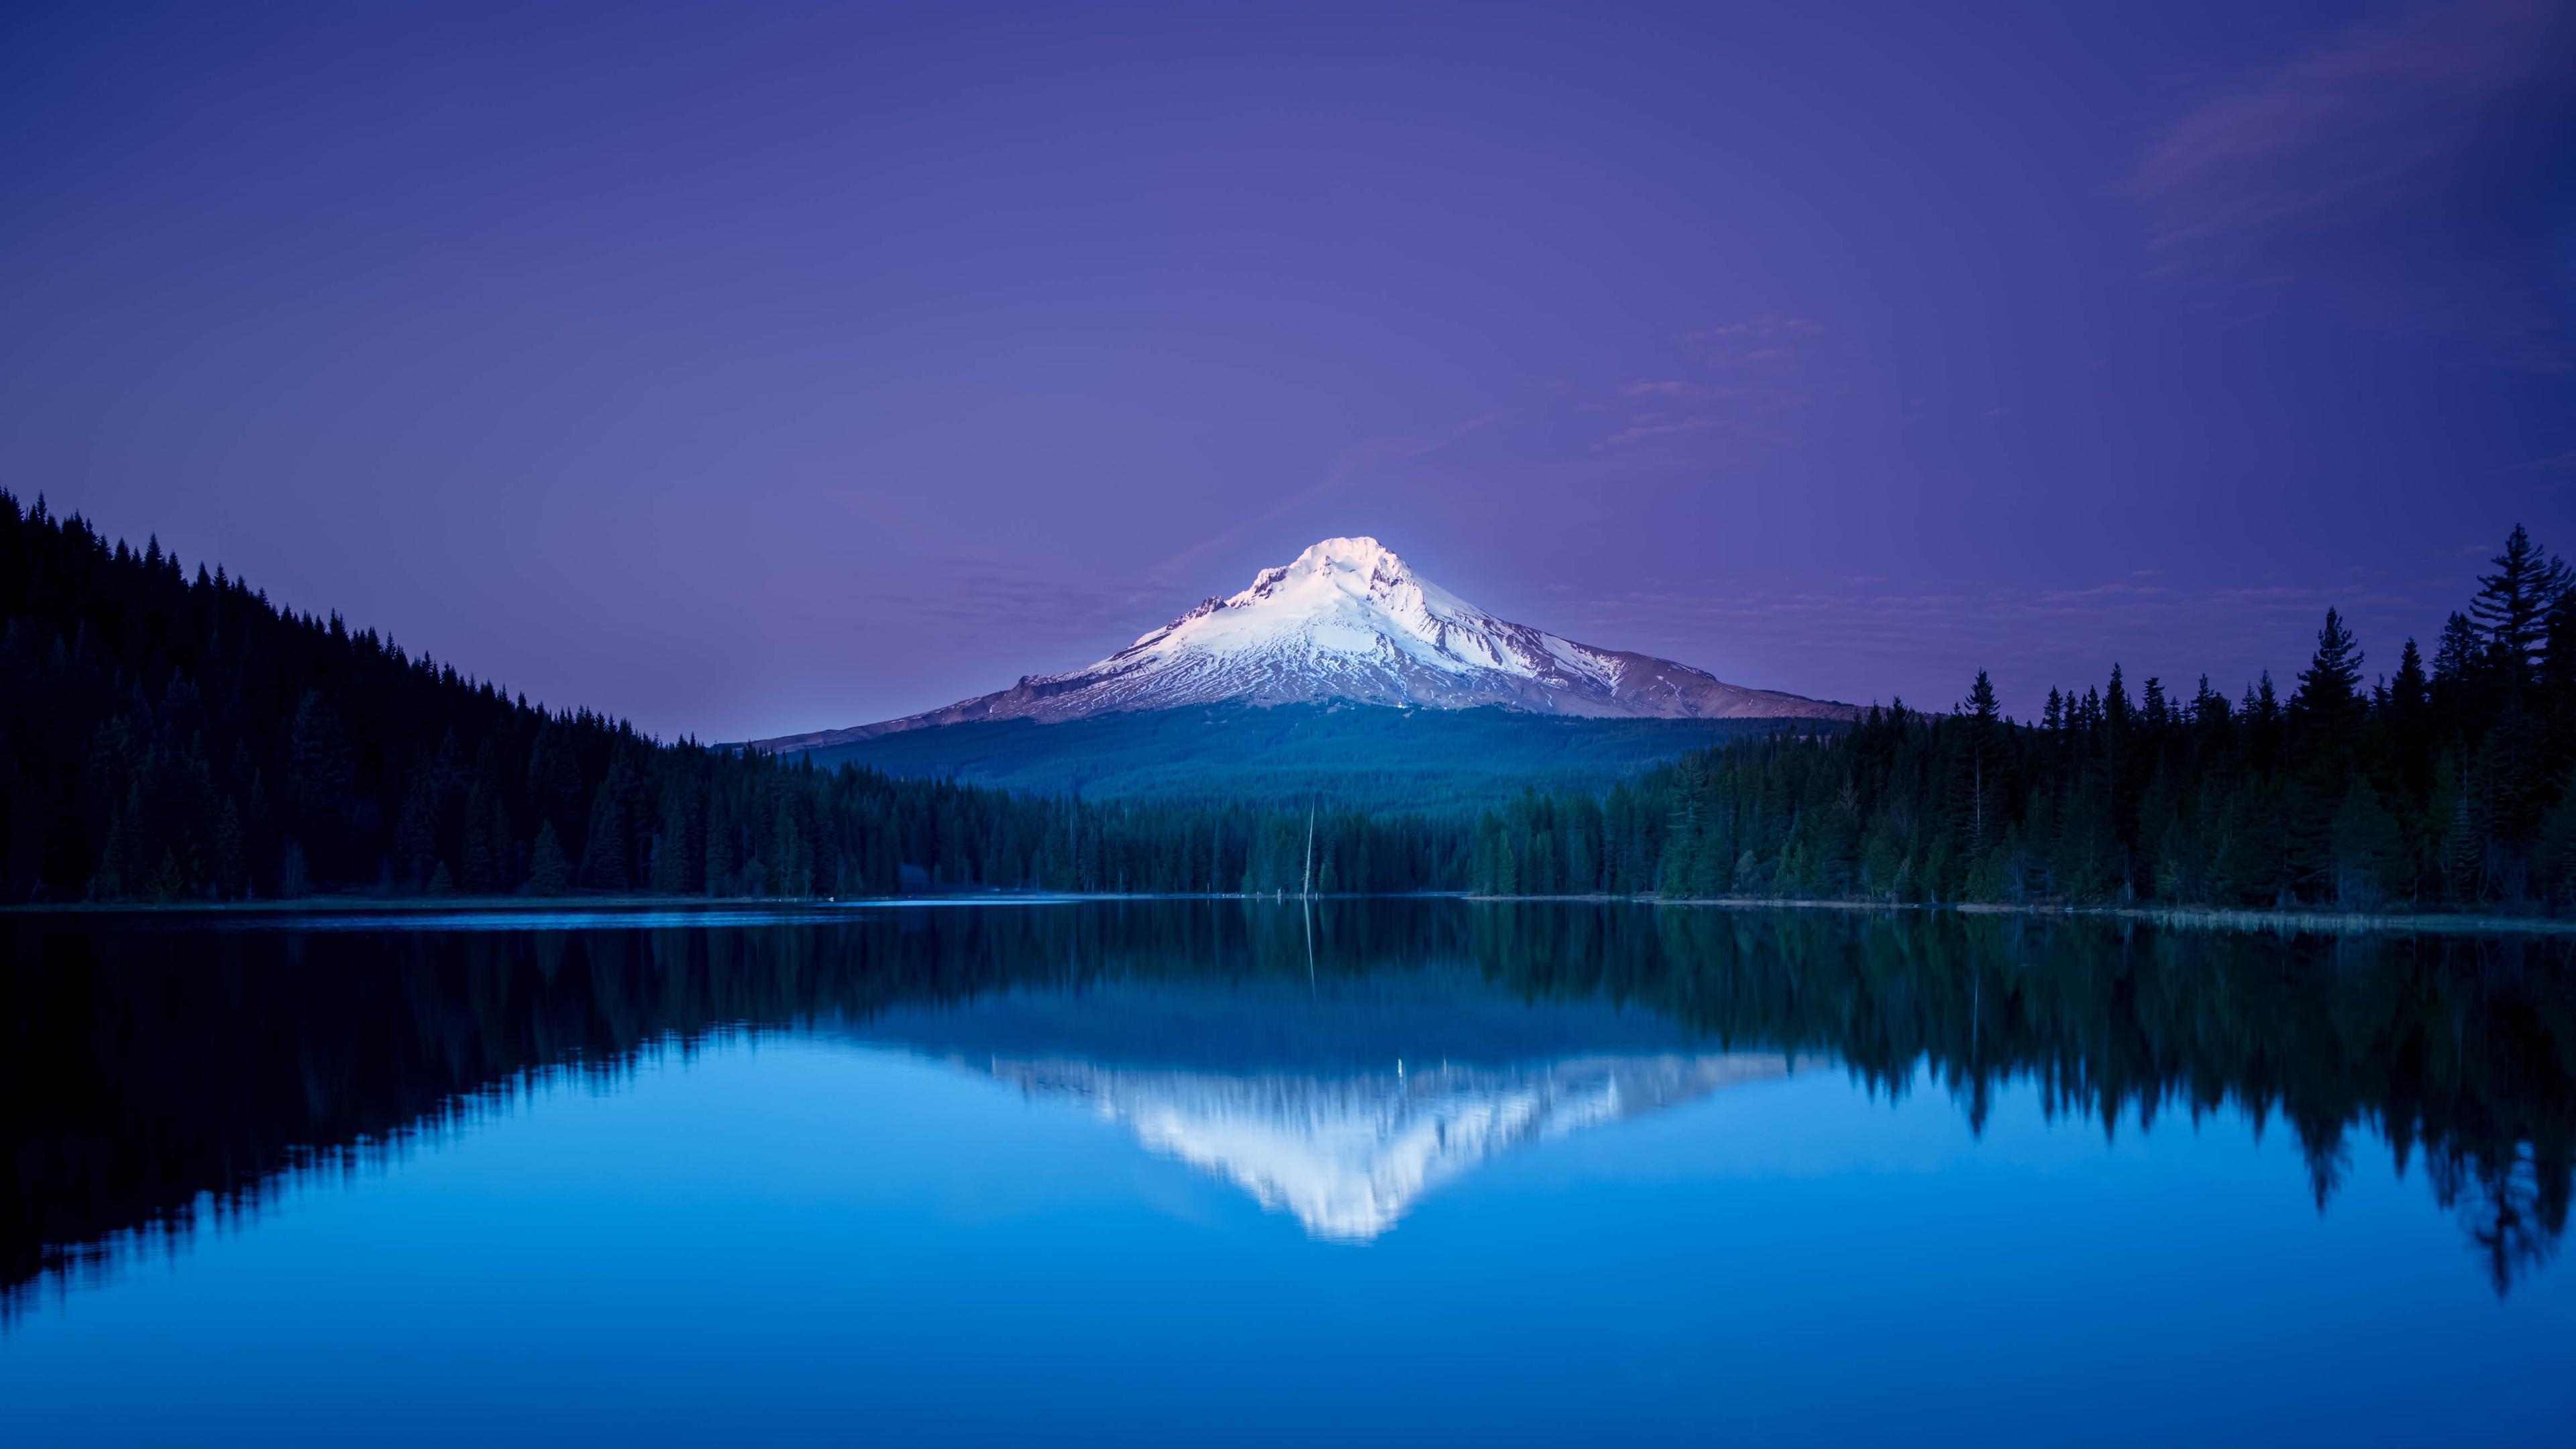 Only Hd Wallpapers Girl Peaceful Blue Sunset Hd Desktop Wallpaper Widescreen